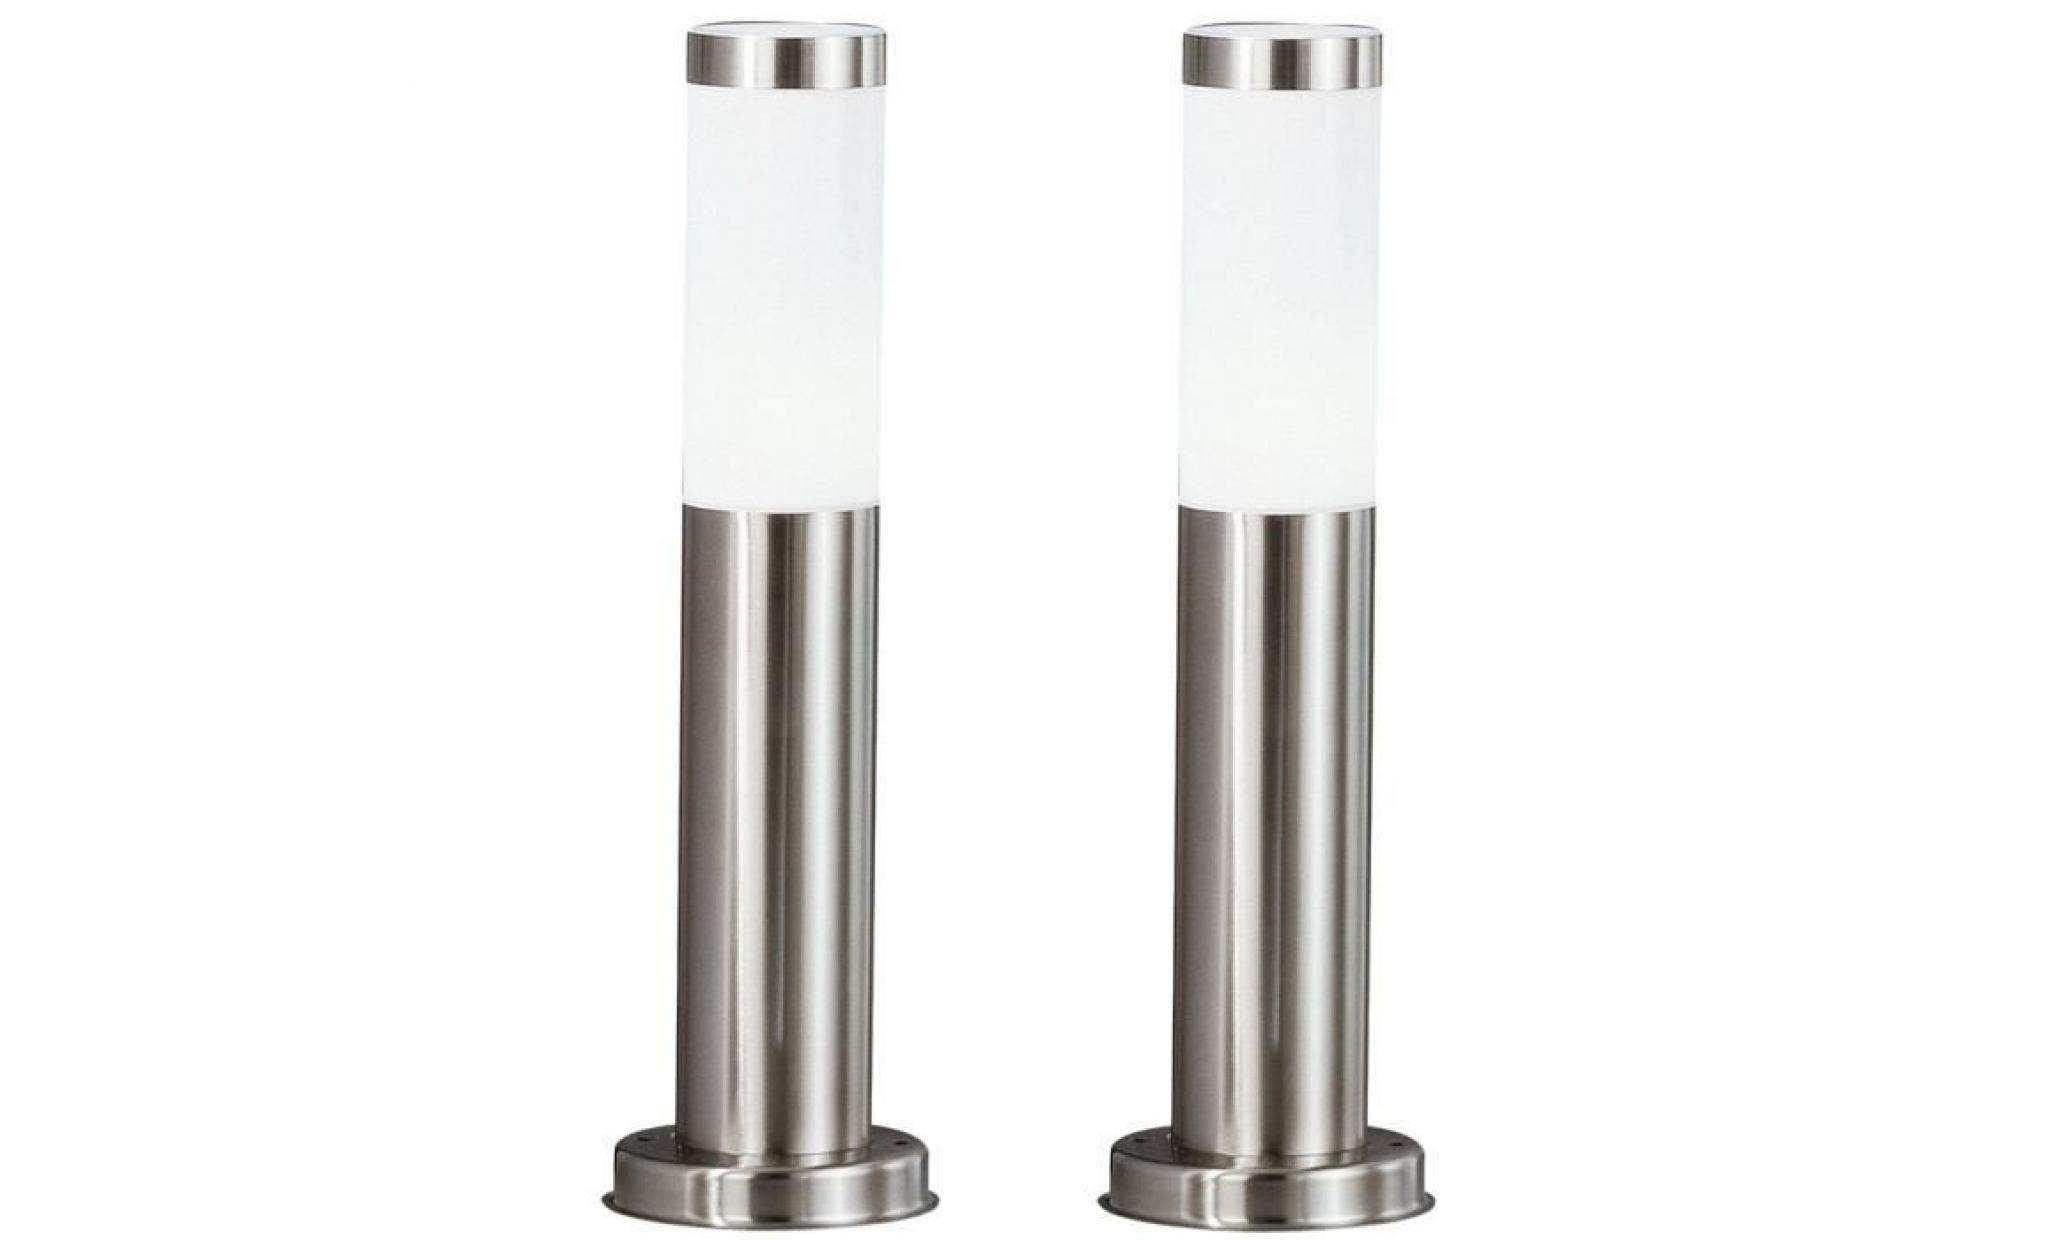 2 X Lampadaire Del Luminaire Sur Pied Espace Extérieur Jardin Terrasse  Acier Inoxydable Lampes Led tout Lampadaire De Jardin Pas Cher